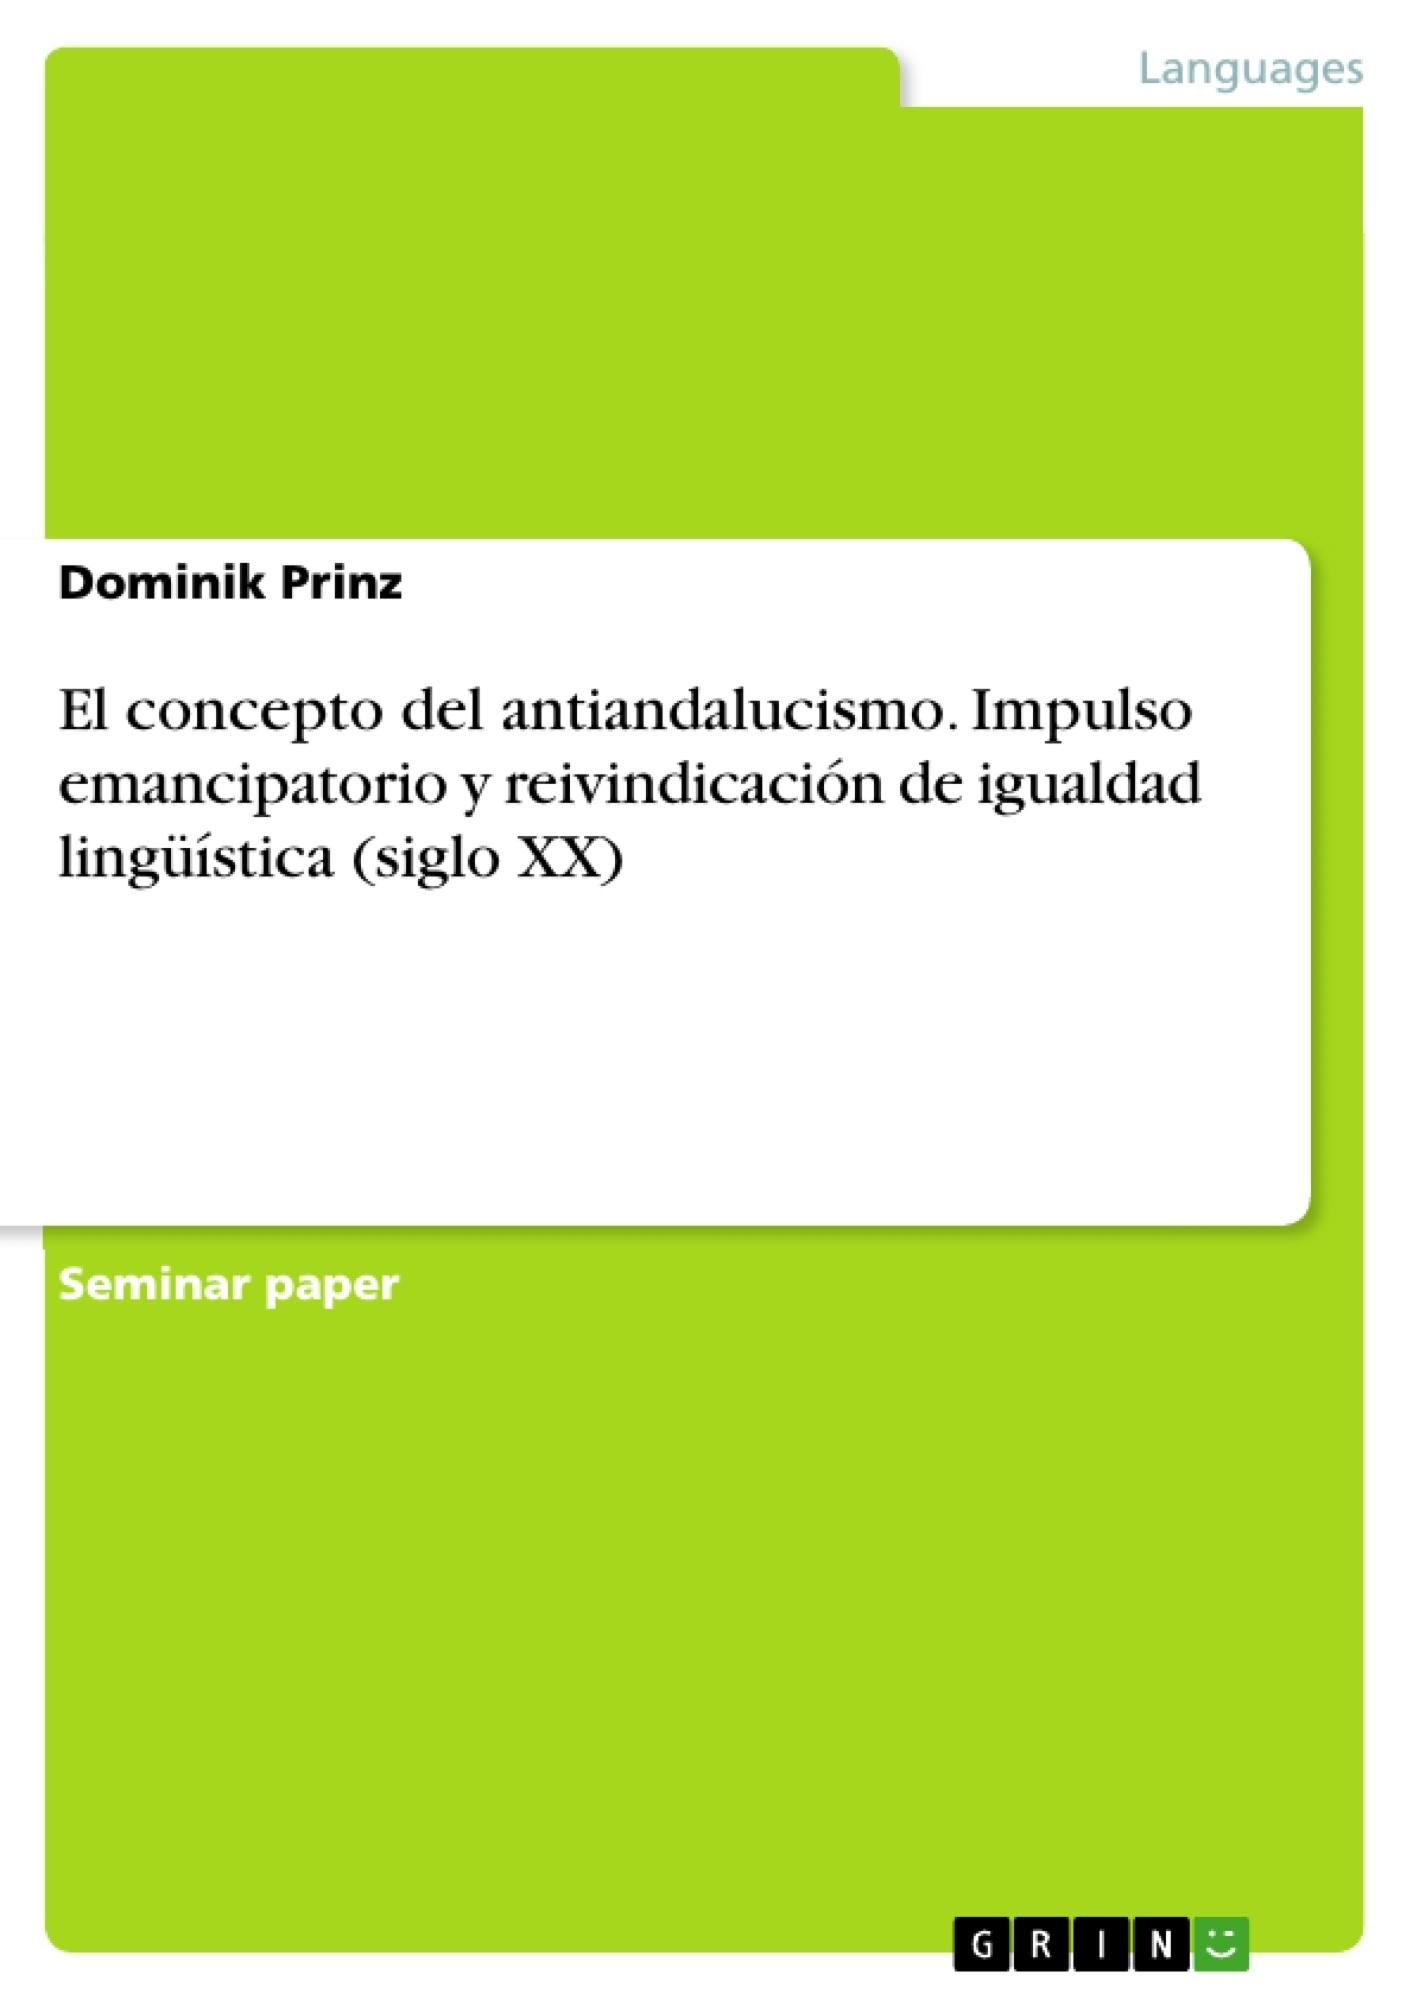 Título: El concepto del antiandalucismo. Impulso emancipatorio y reivindicación de igualdad lingüística (siglo XX)